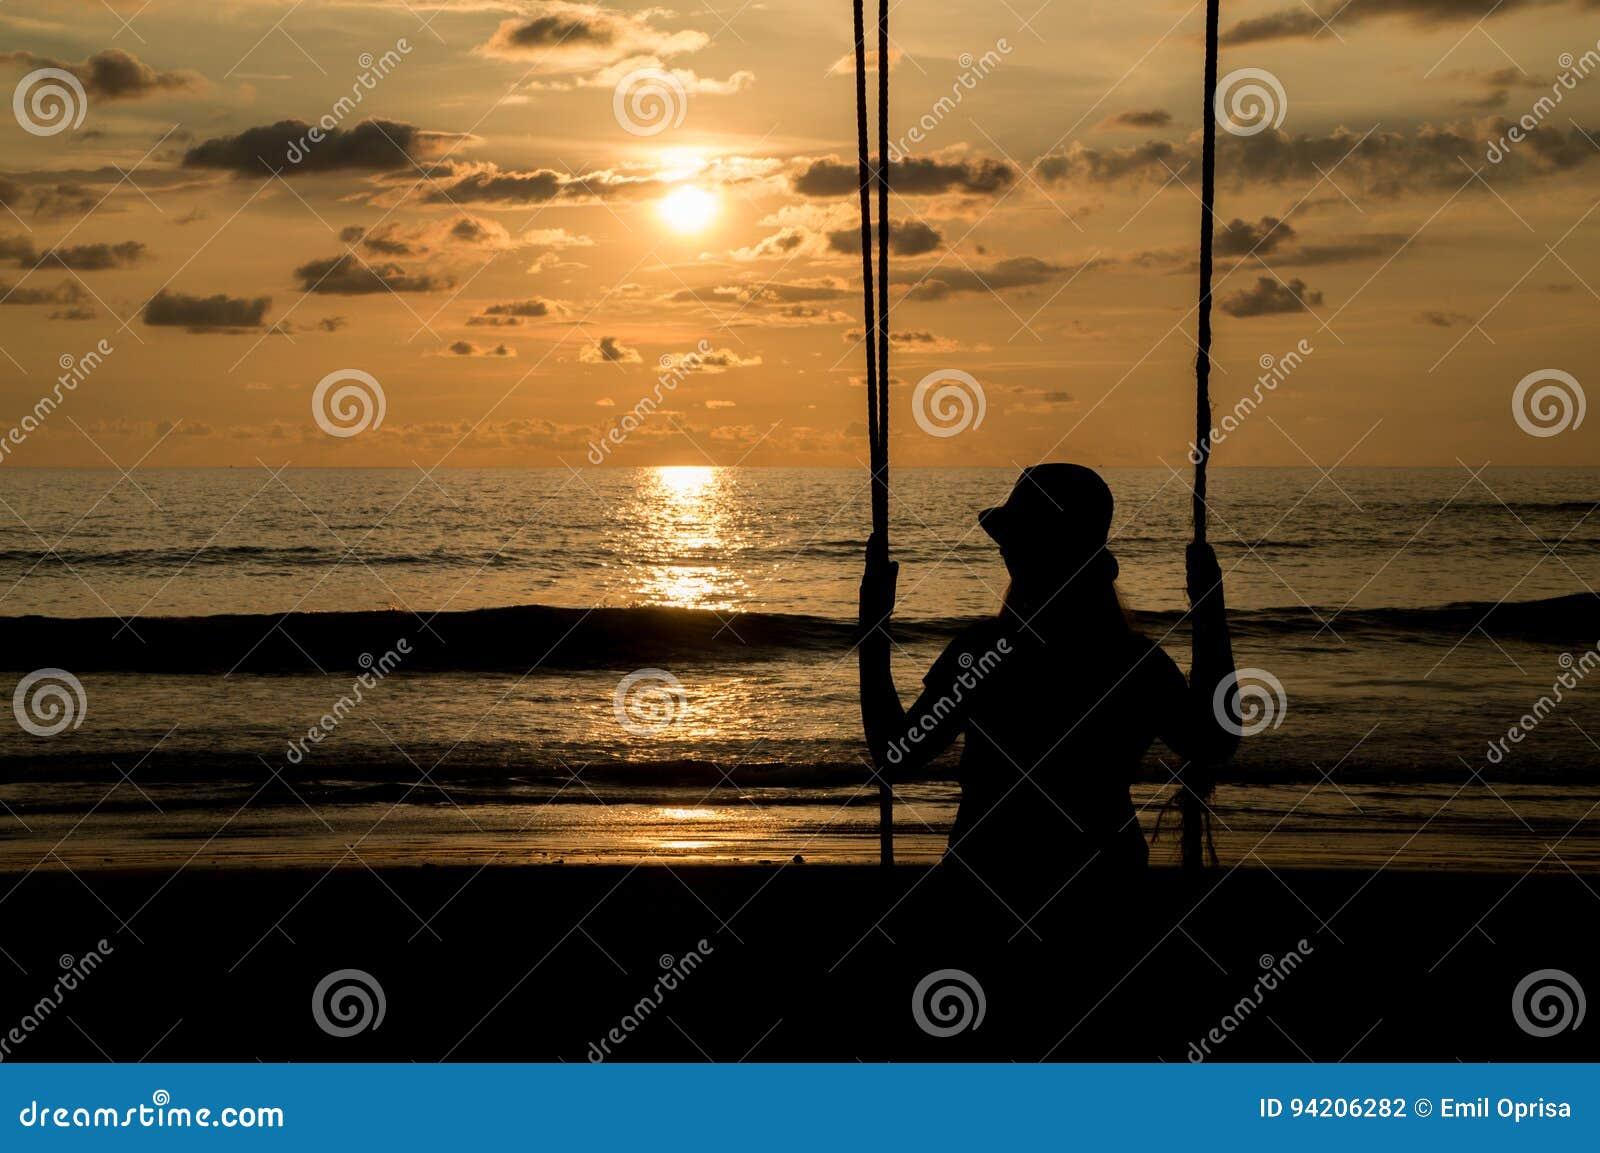 Junge Frau auf einem Schwingen bei Sonnenuntergang